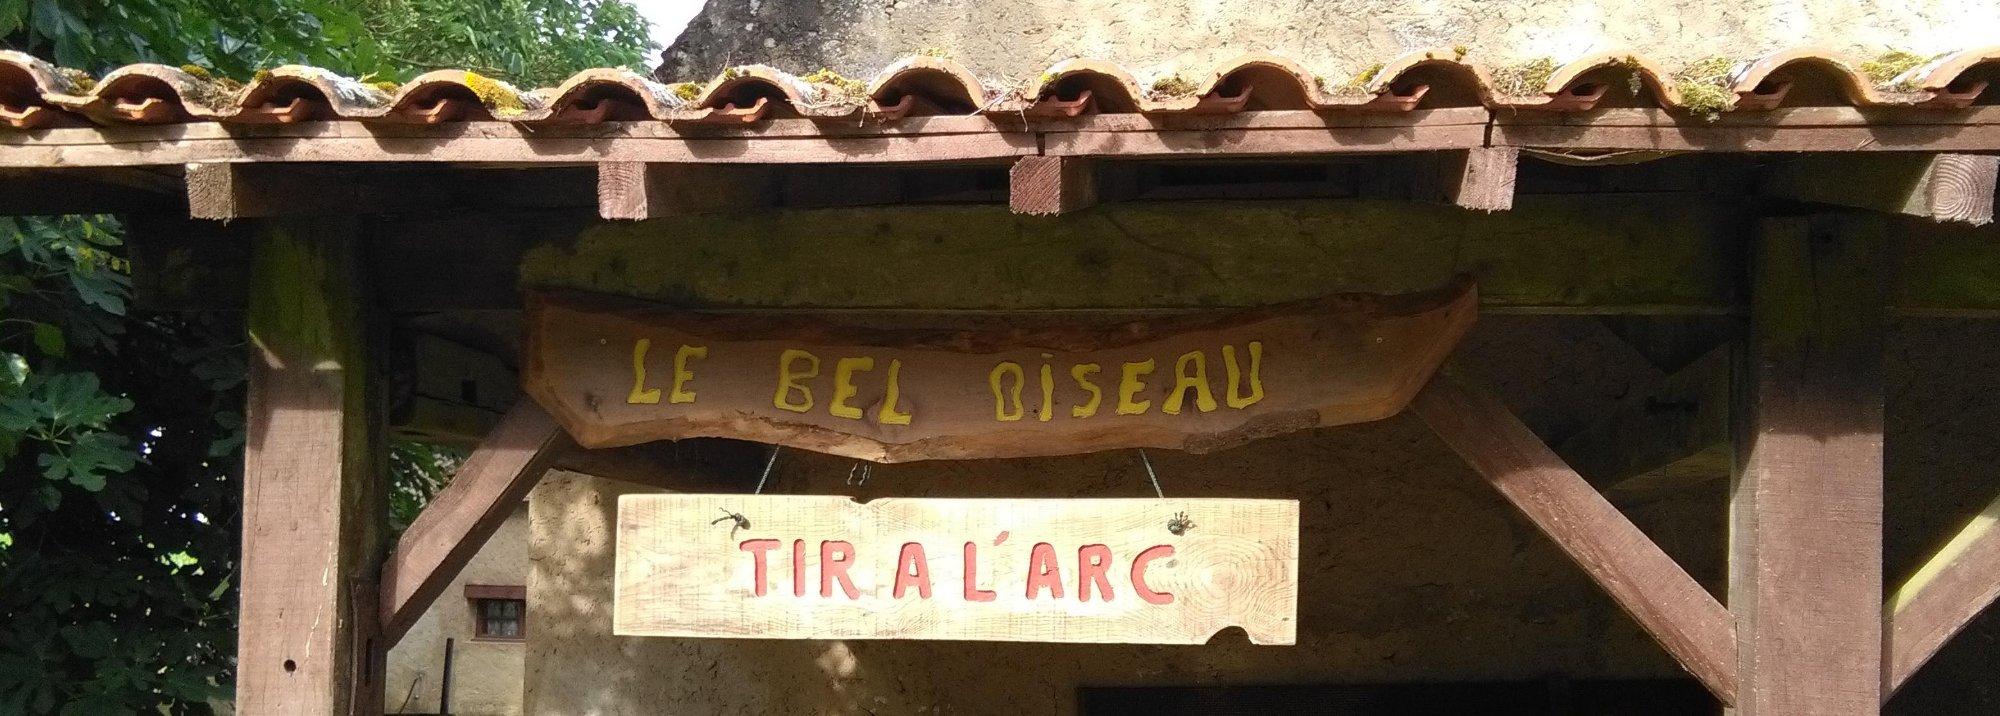 arcchery Le Bel Oiseau